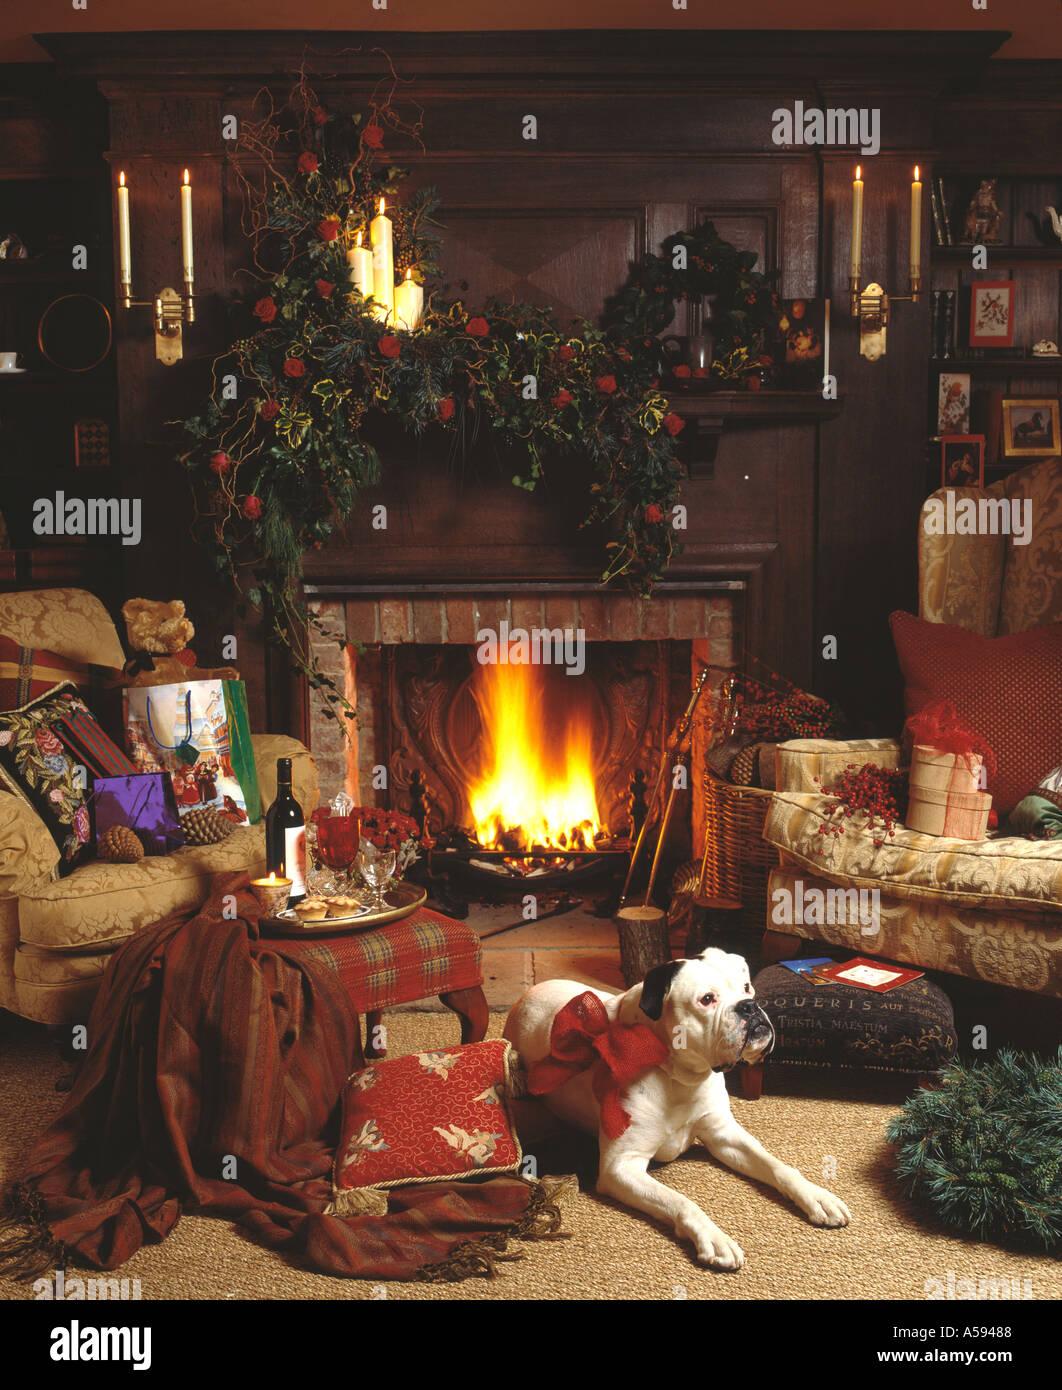 Hund Auf Teppich Am Brennenden Kamin Im Wohnzimmer Liegen Für Weihnachten  Dekoriert Mit Girlanden Auf Kaminsims